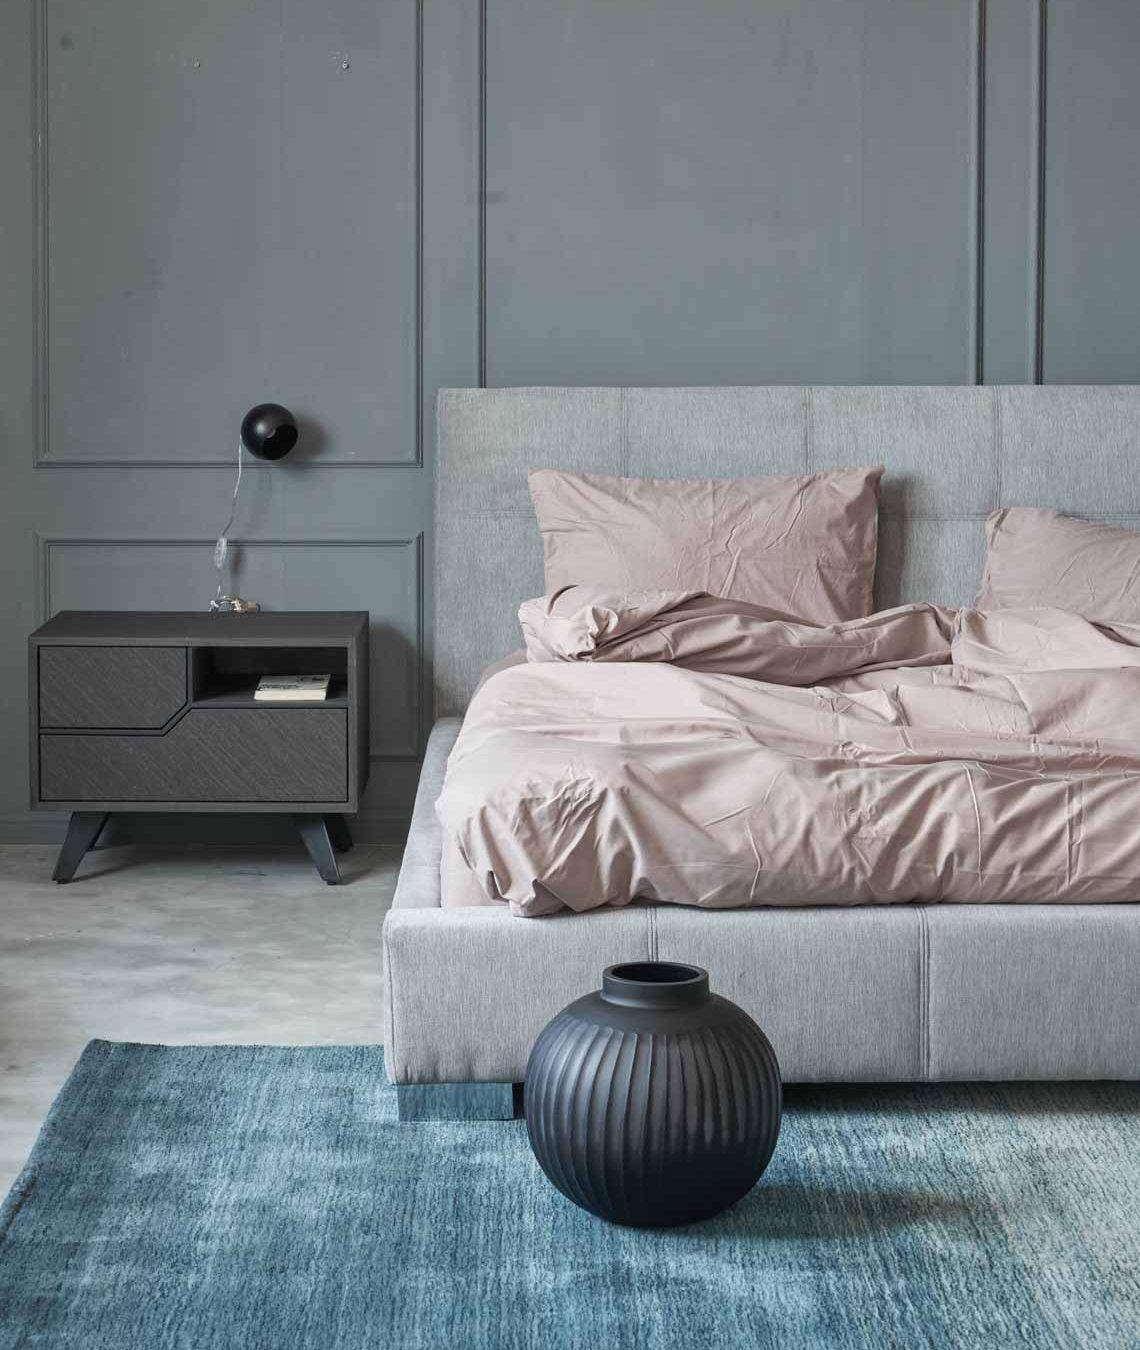 Biến hóa phòng ngủ đẹp tinh tế với cảm hứng nội thất từ Bắc Âu - 2